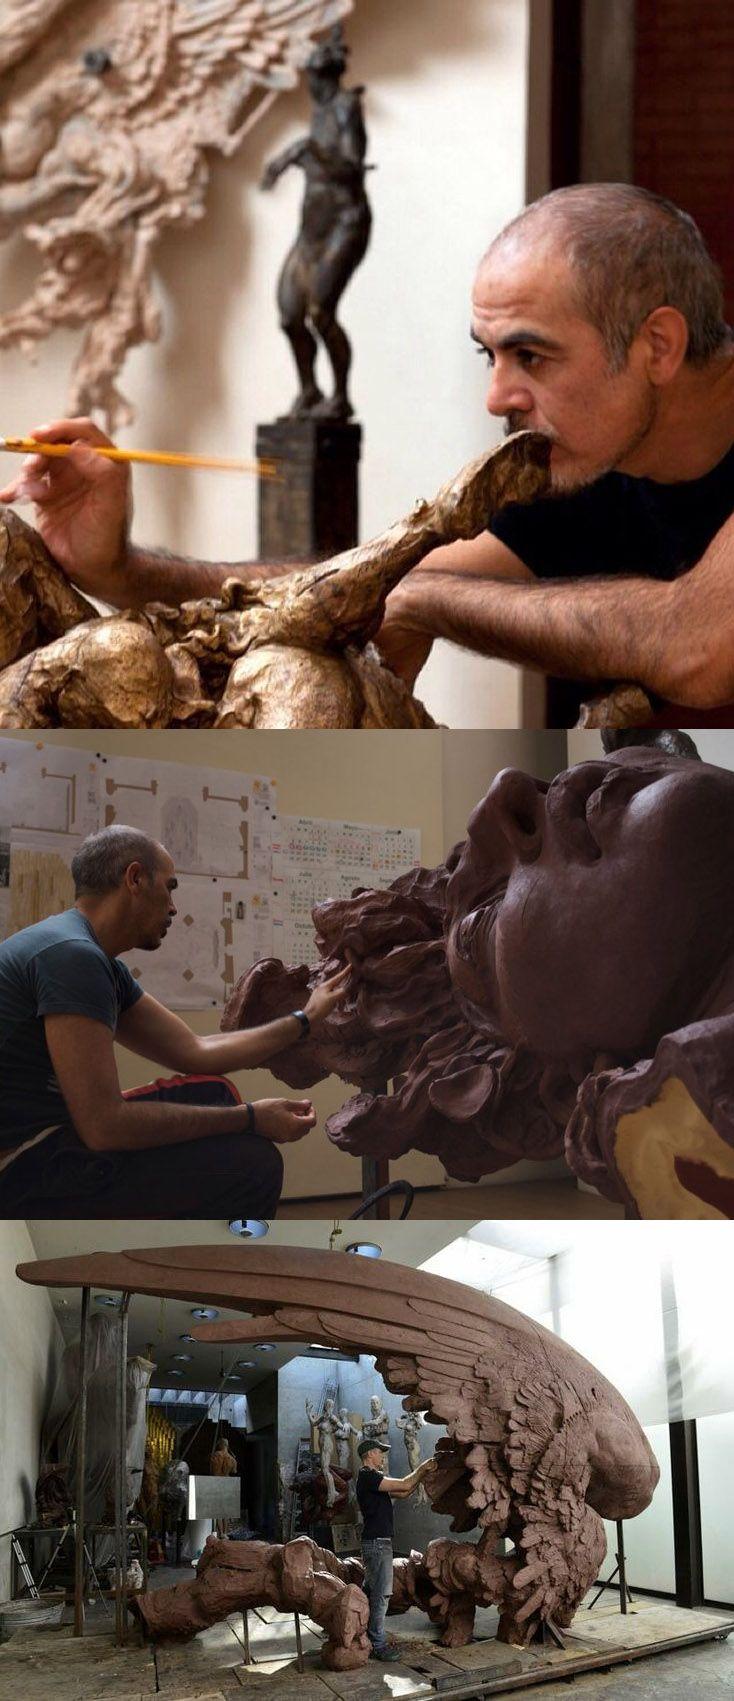 Hombre Reclinado - Obra del Artista Escultor Mexicano Javier Marín.✿⊱╮